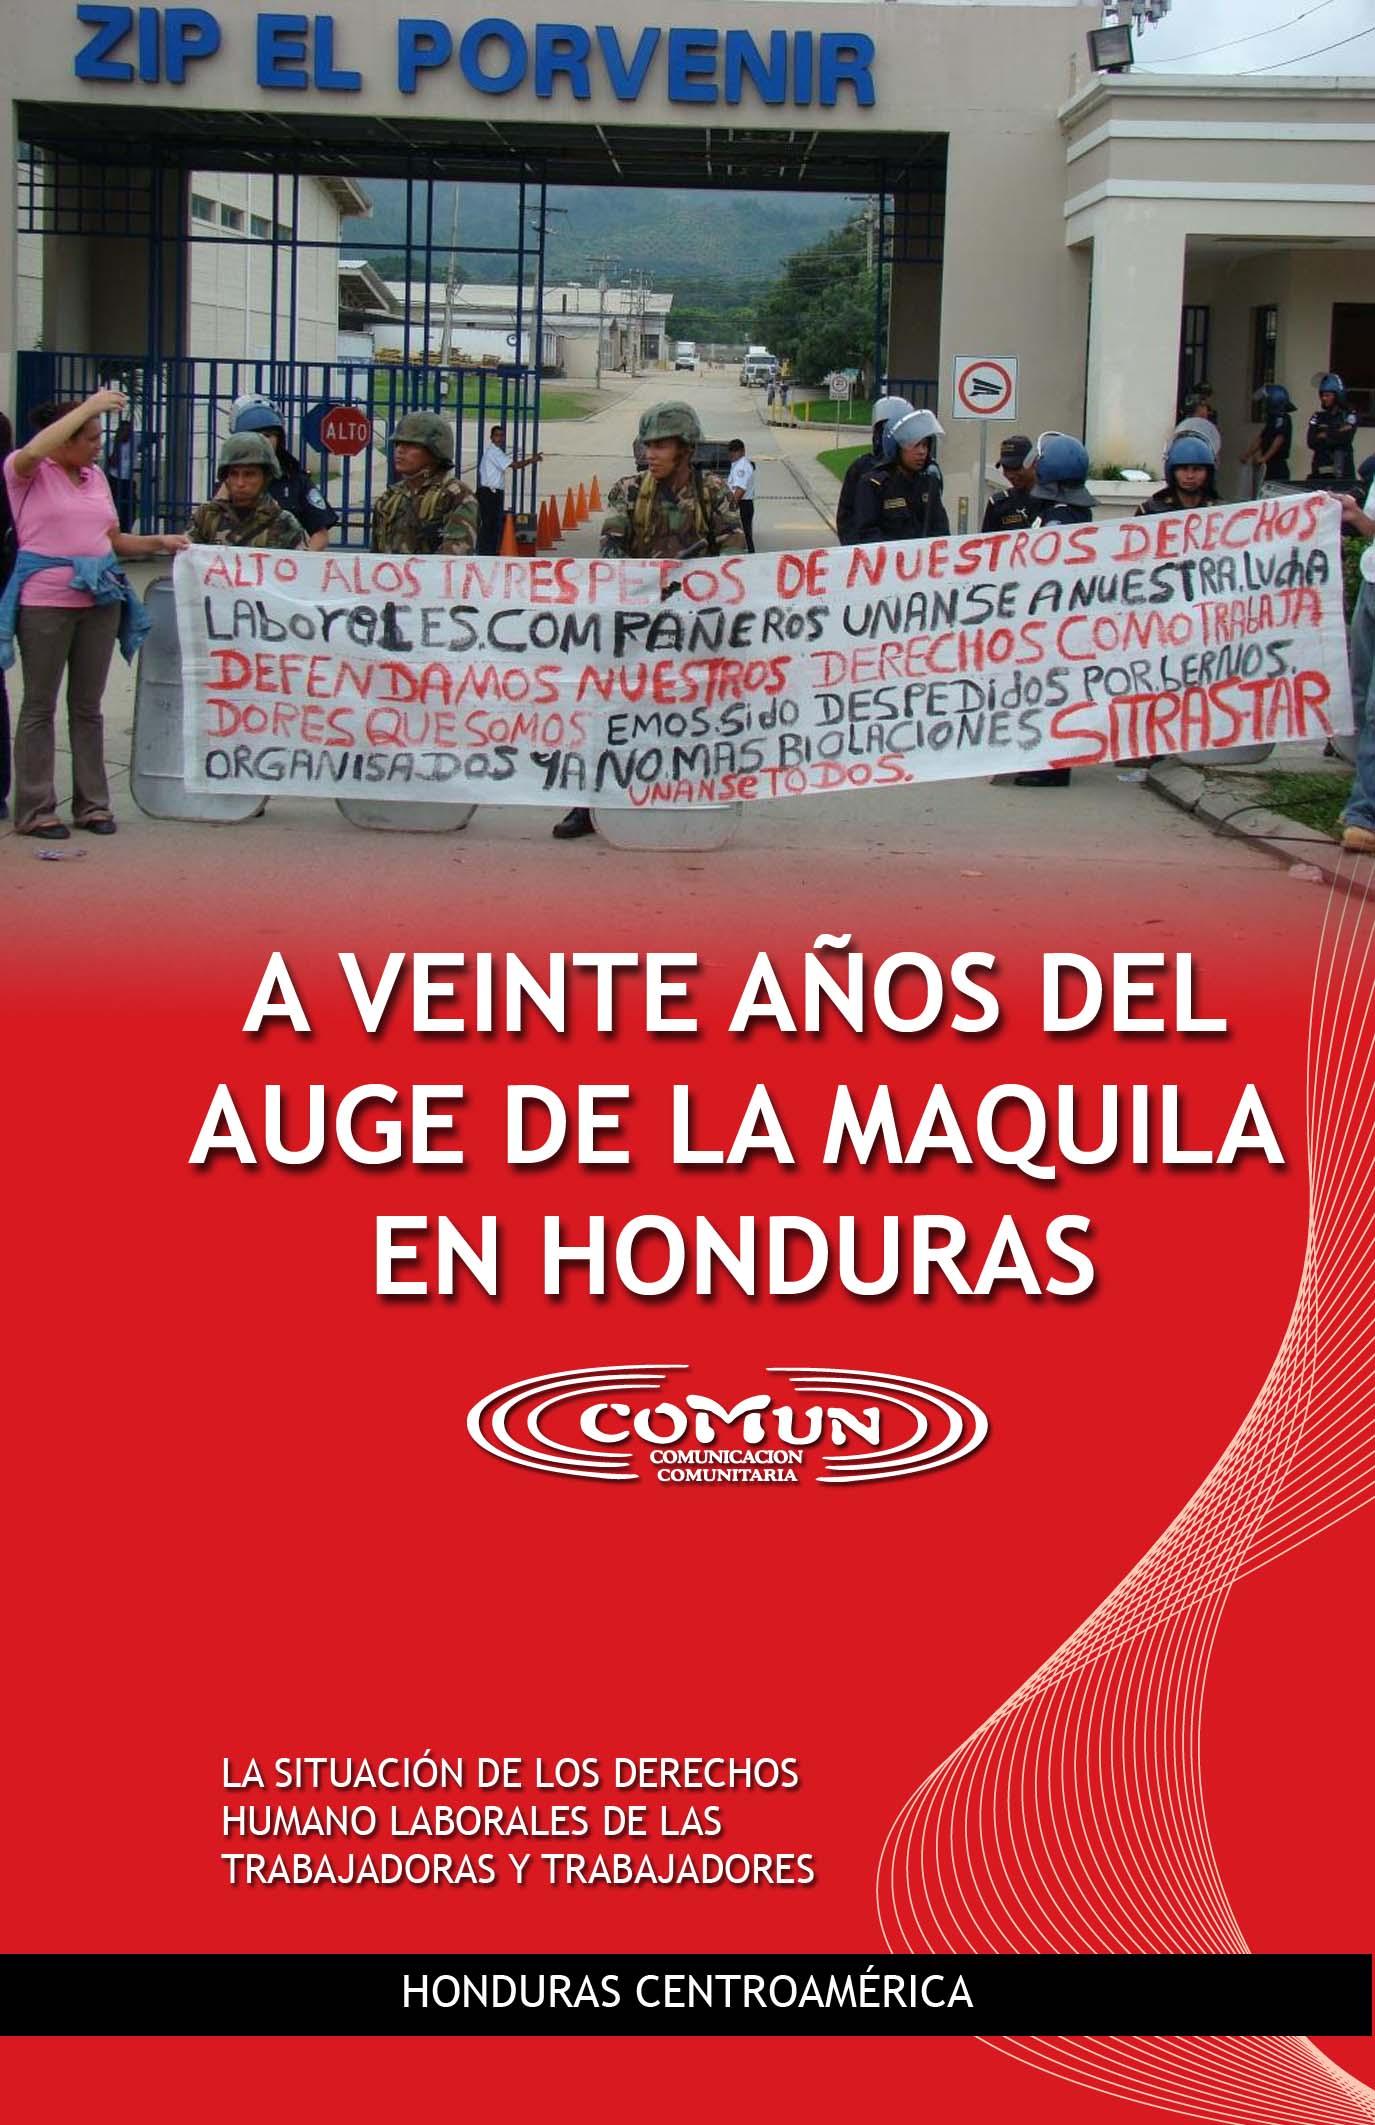 A 20 años del auge de la maquila en Honduras